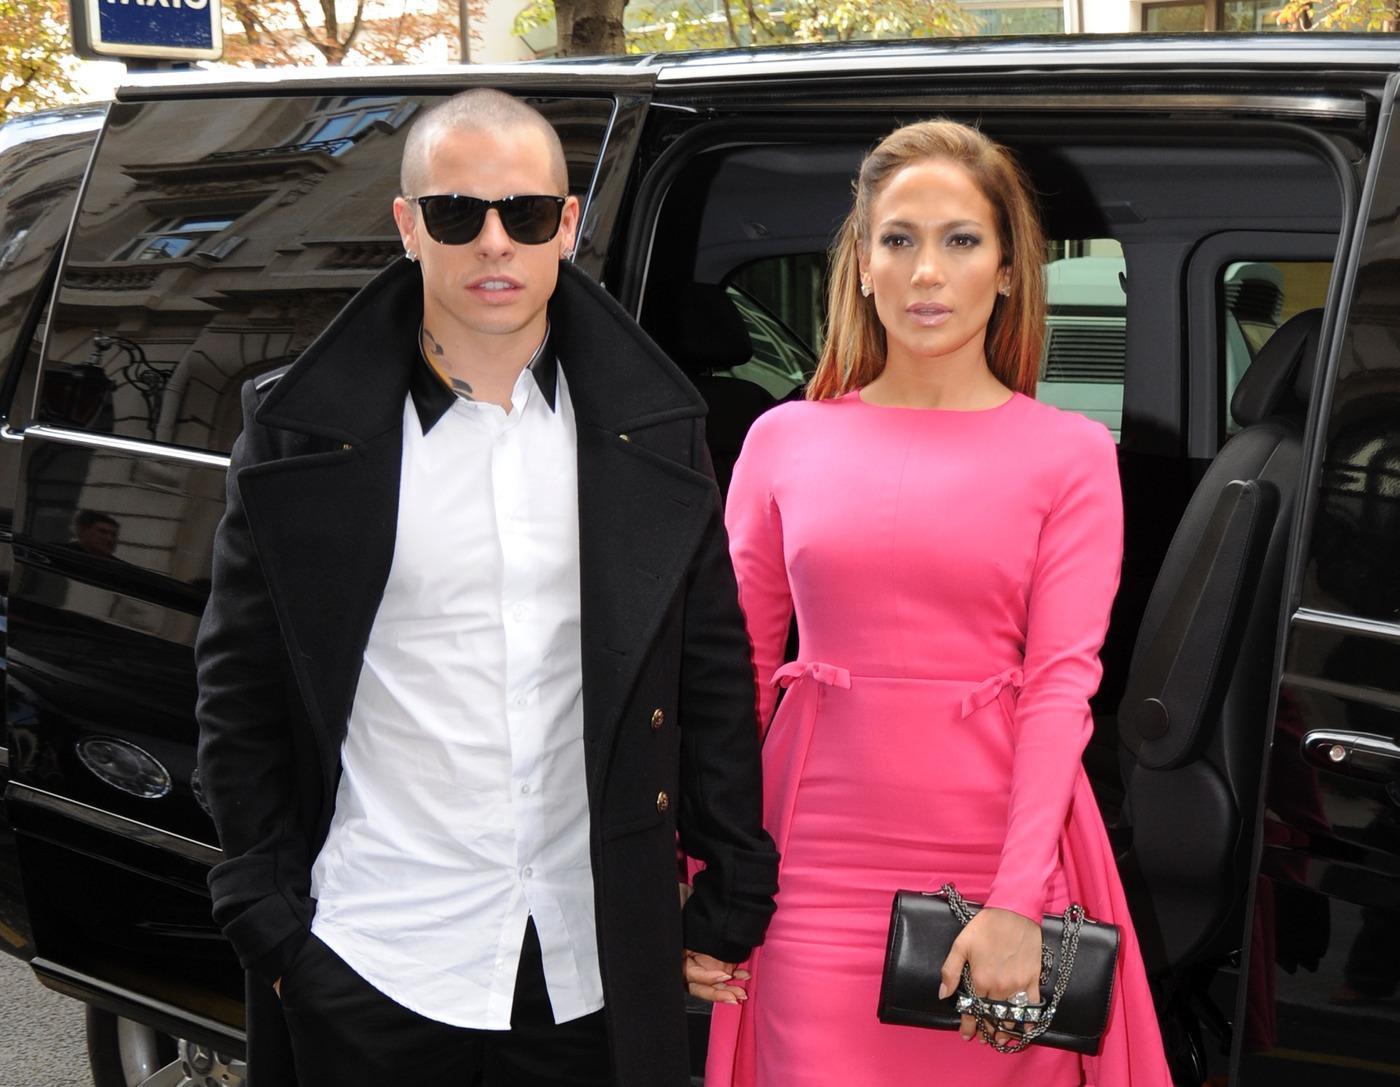 Singer Jennifer Lopez and boyfriend Casper Smart